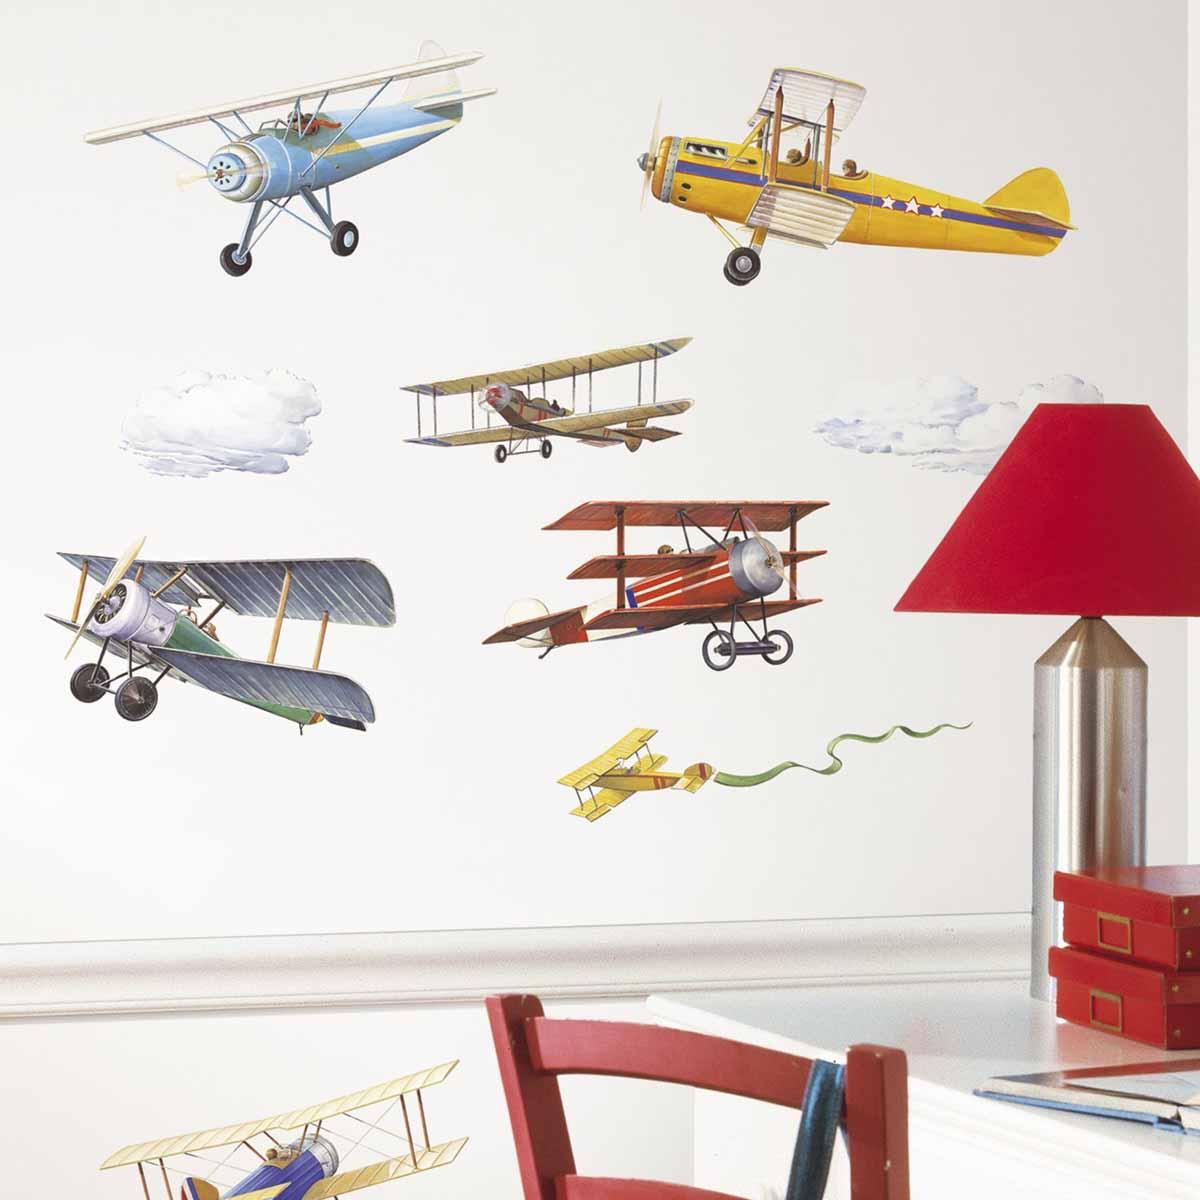 RoomMates Наклейка интерьерная Самолеты Исторические модели 22 шт -  Детская комната